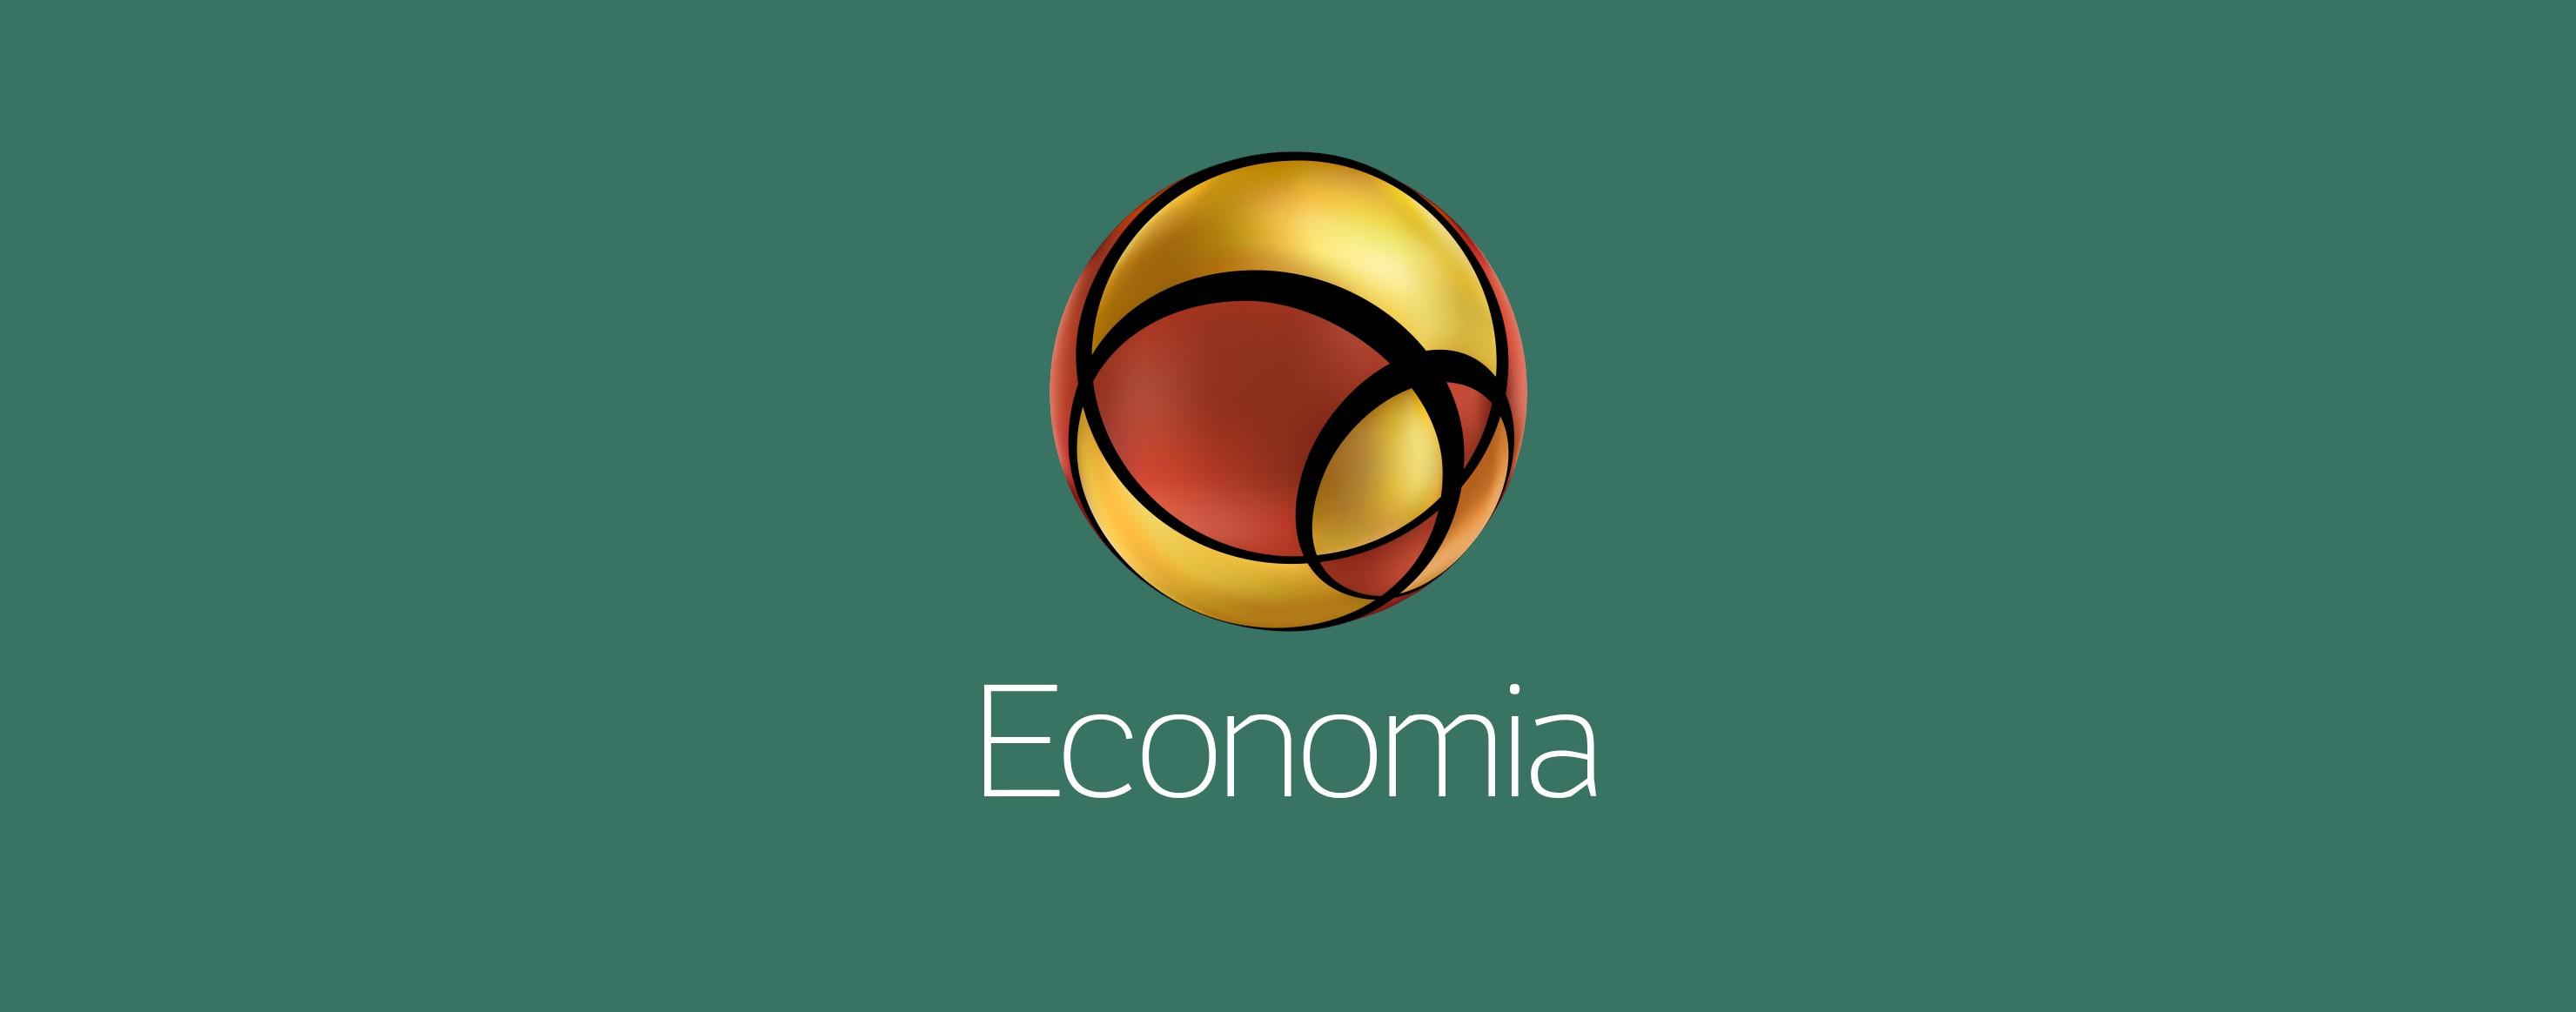 Quem s£o e o que querem os caminhoneiros que est£o parando o pas 24 05 2018 UOL Economia